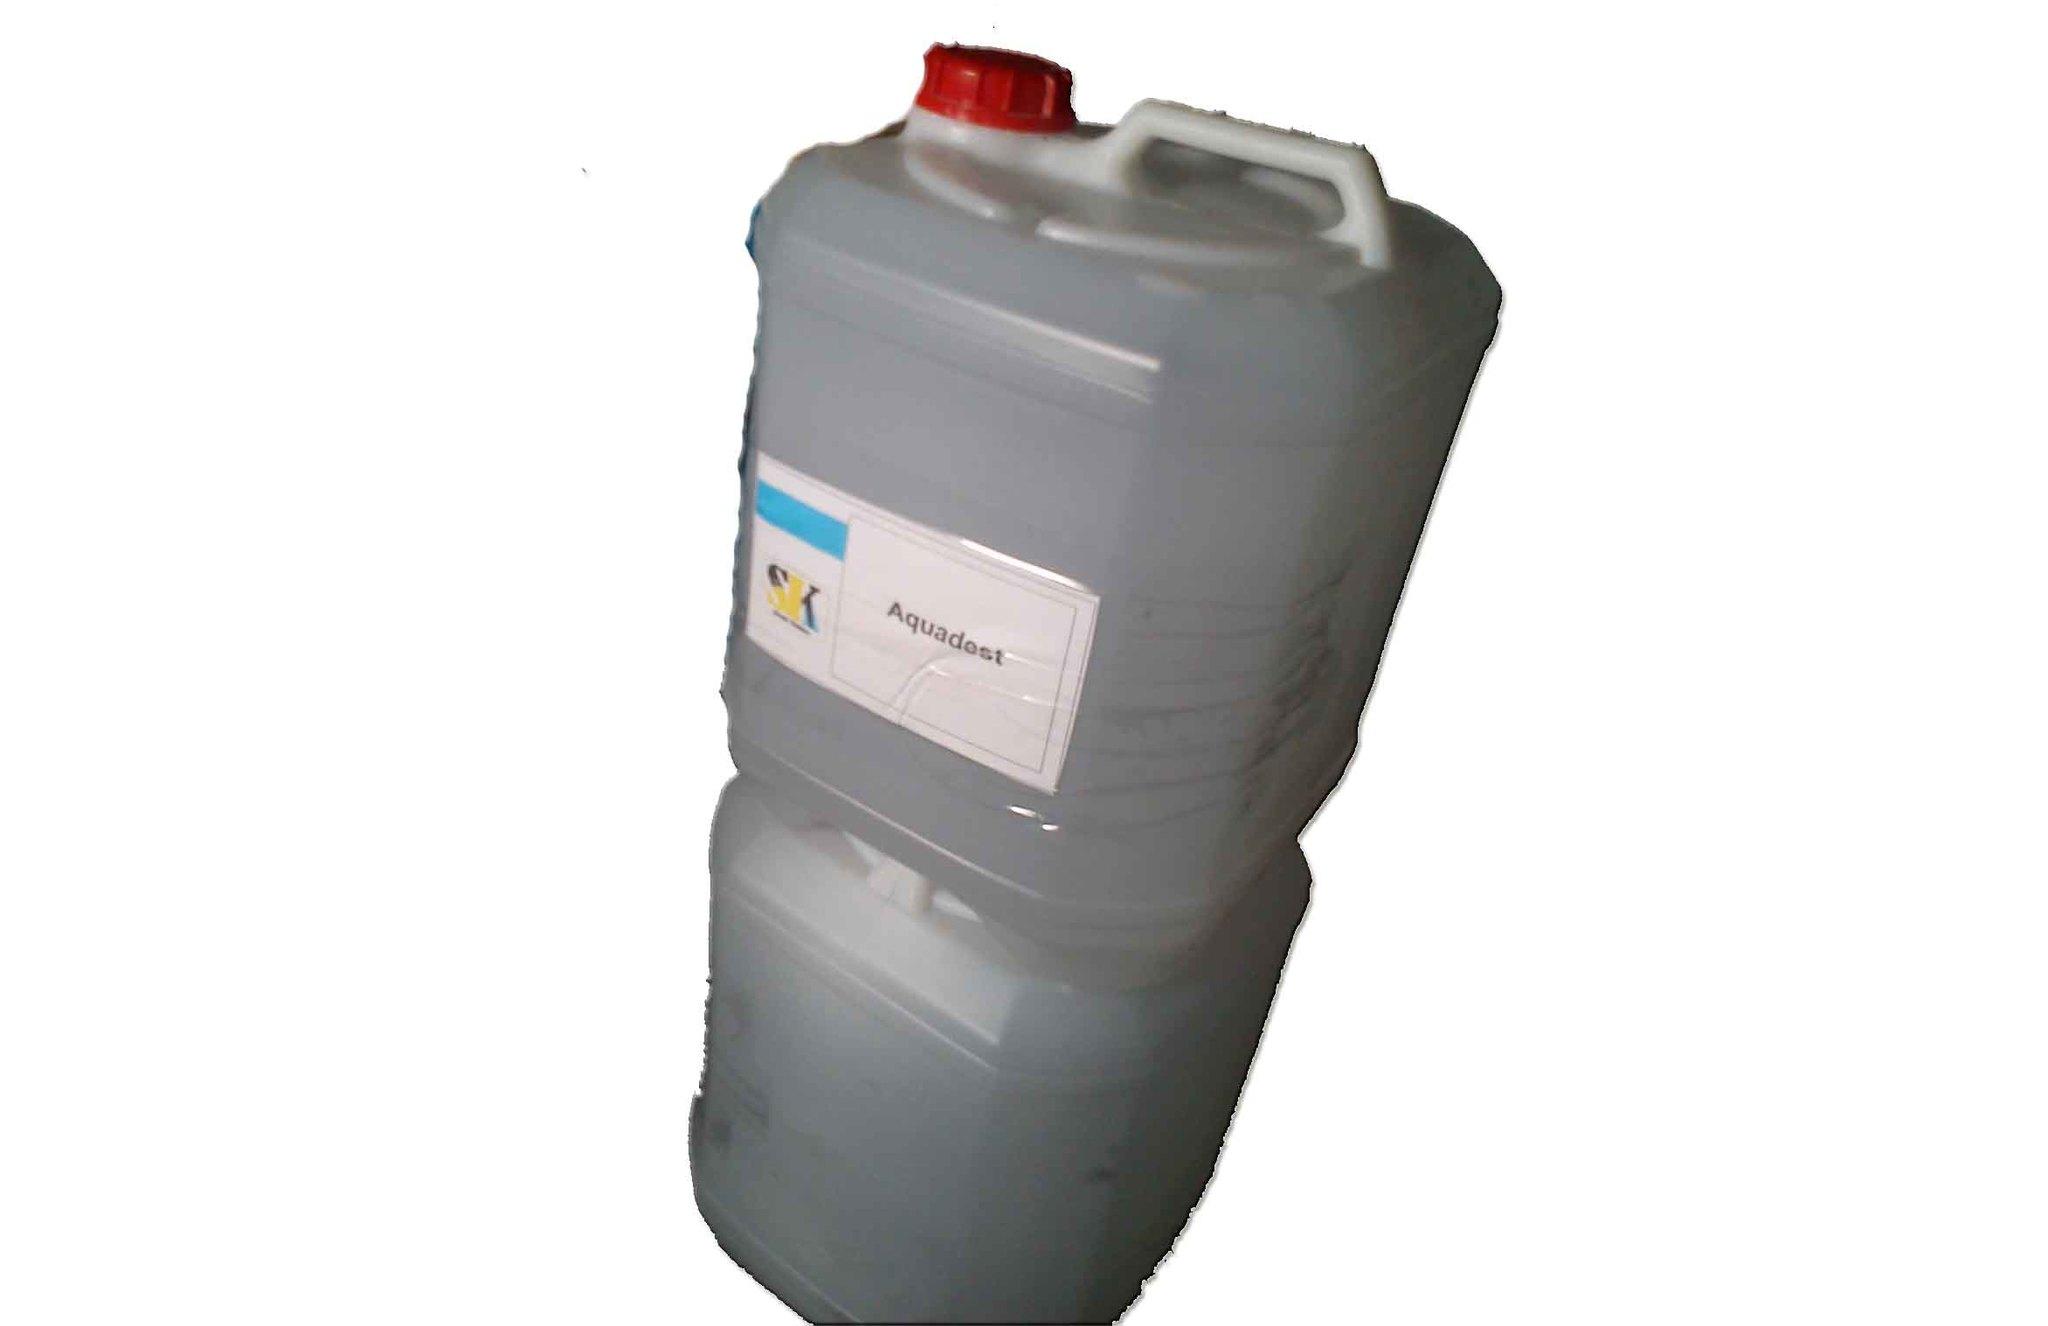 Jual Aquades Aquabides Destilate Water Klaten Bersinar Tokopedia